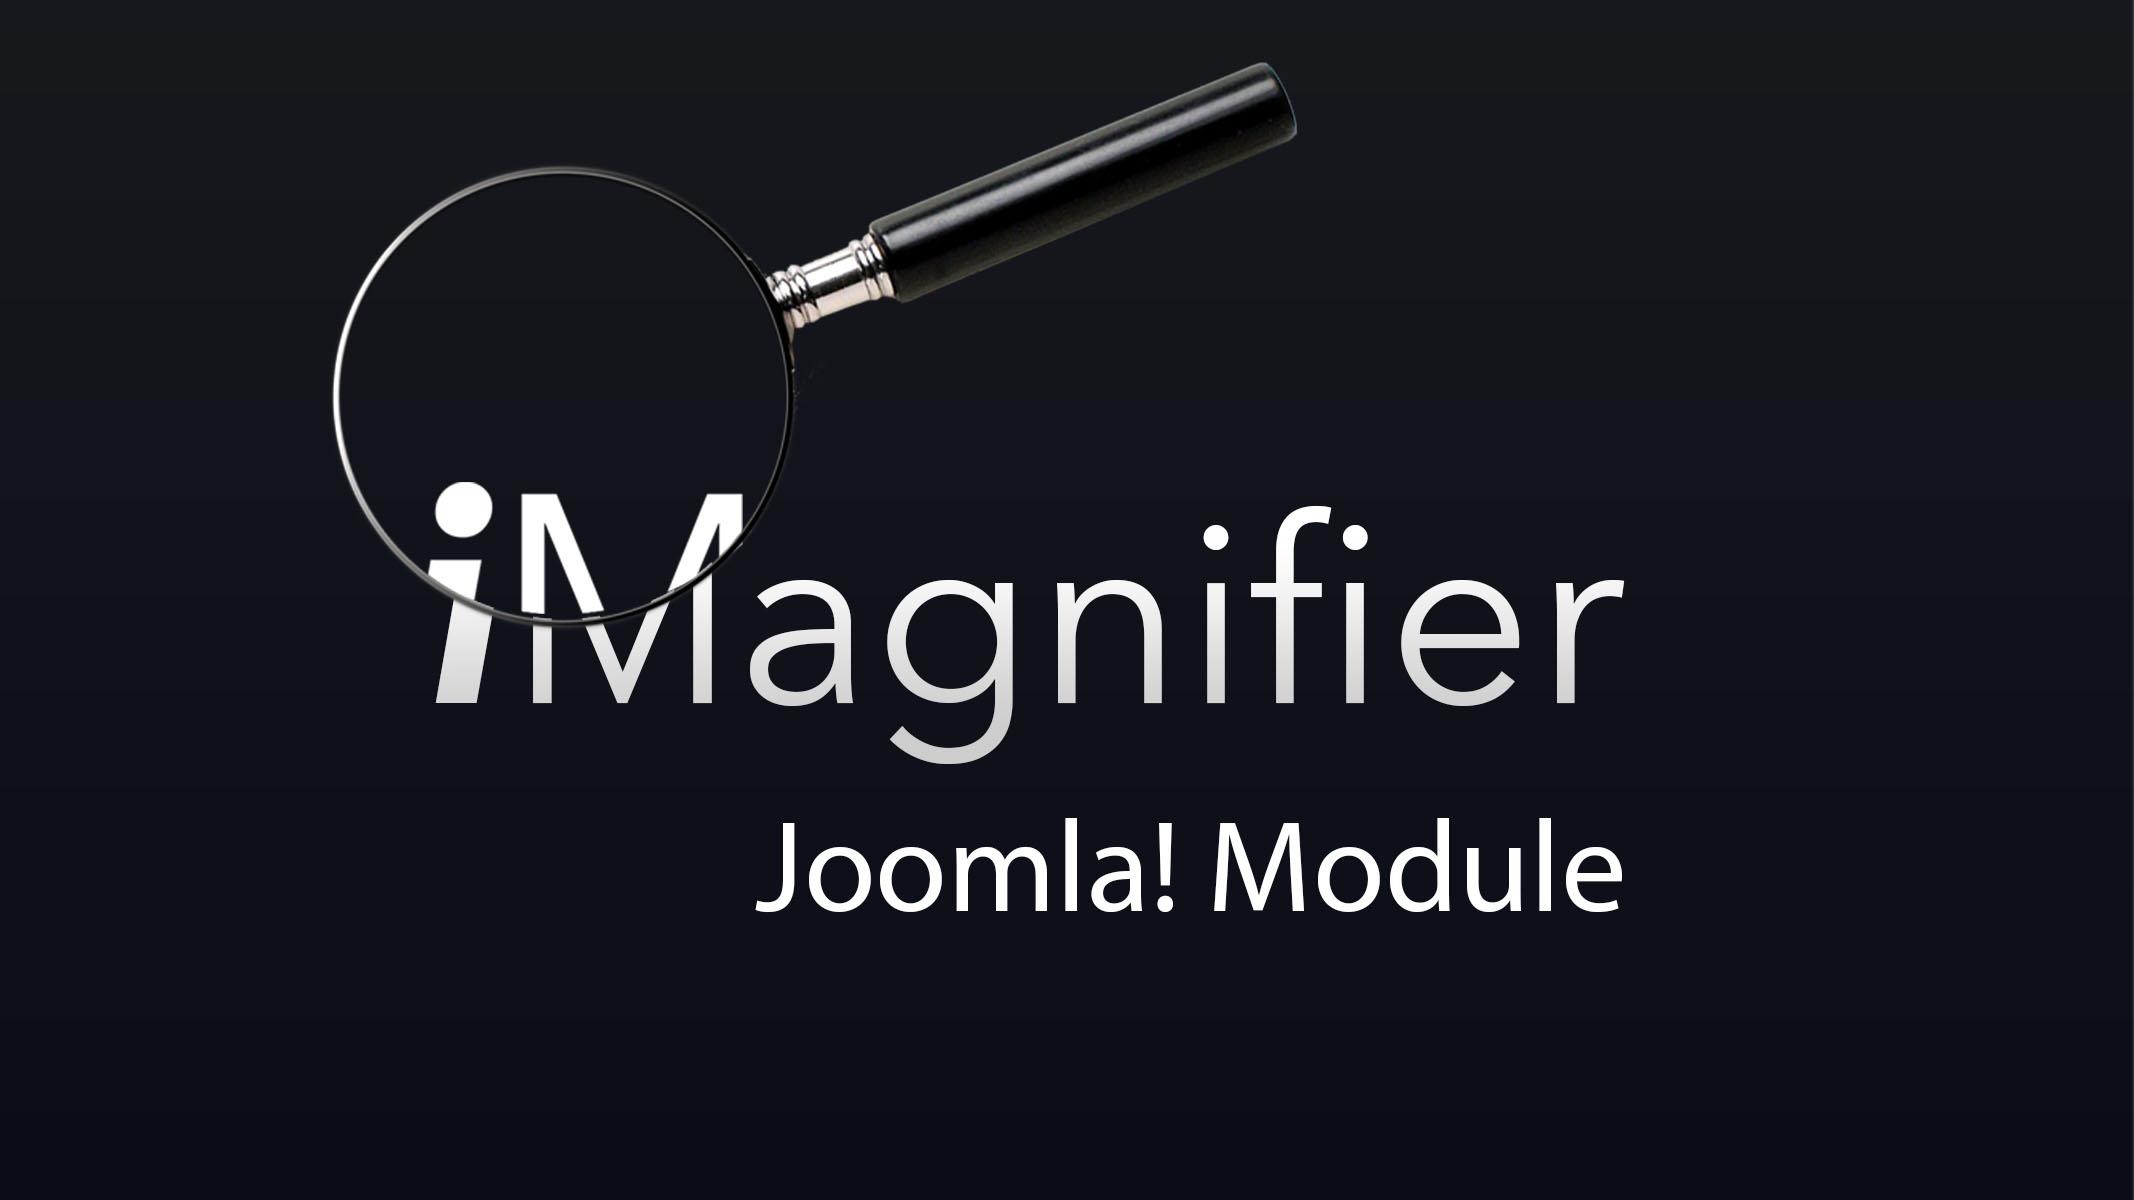 iMagnifier